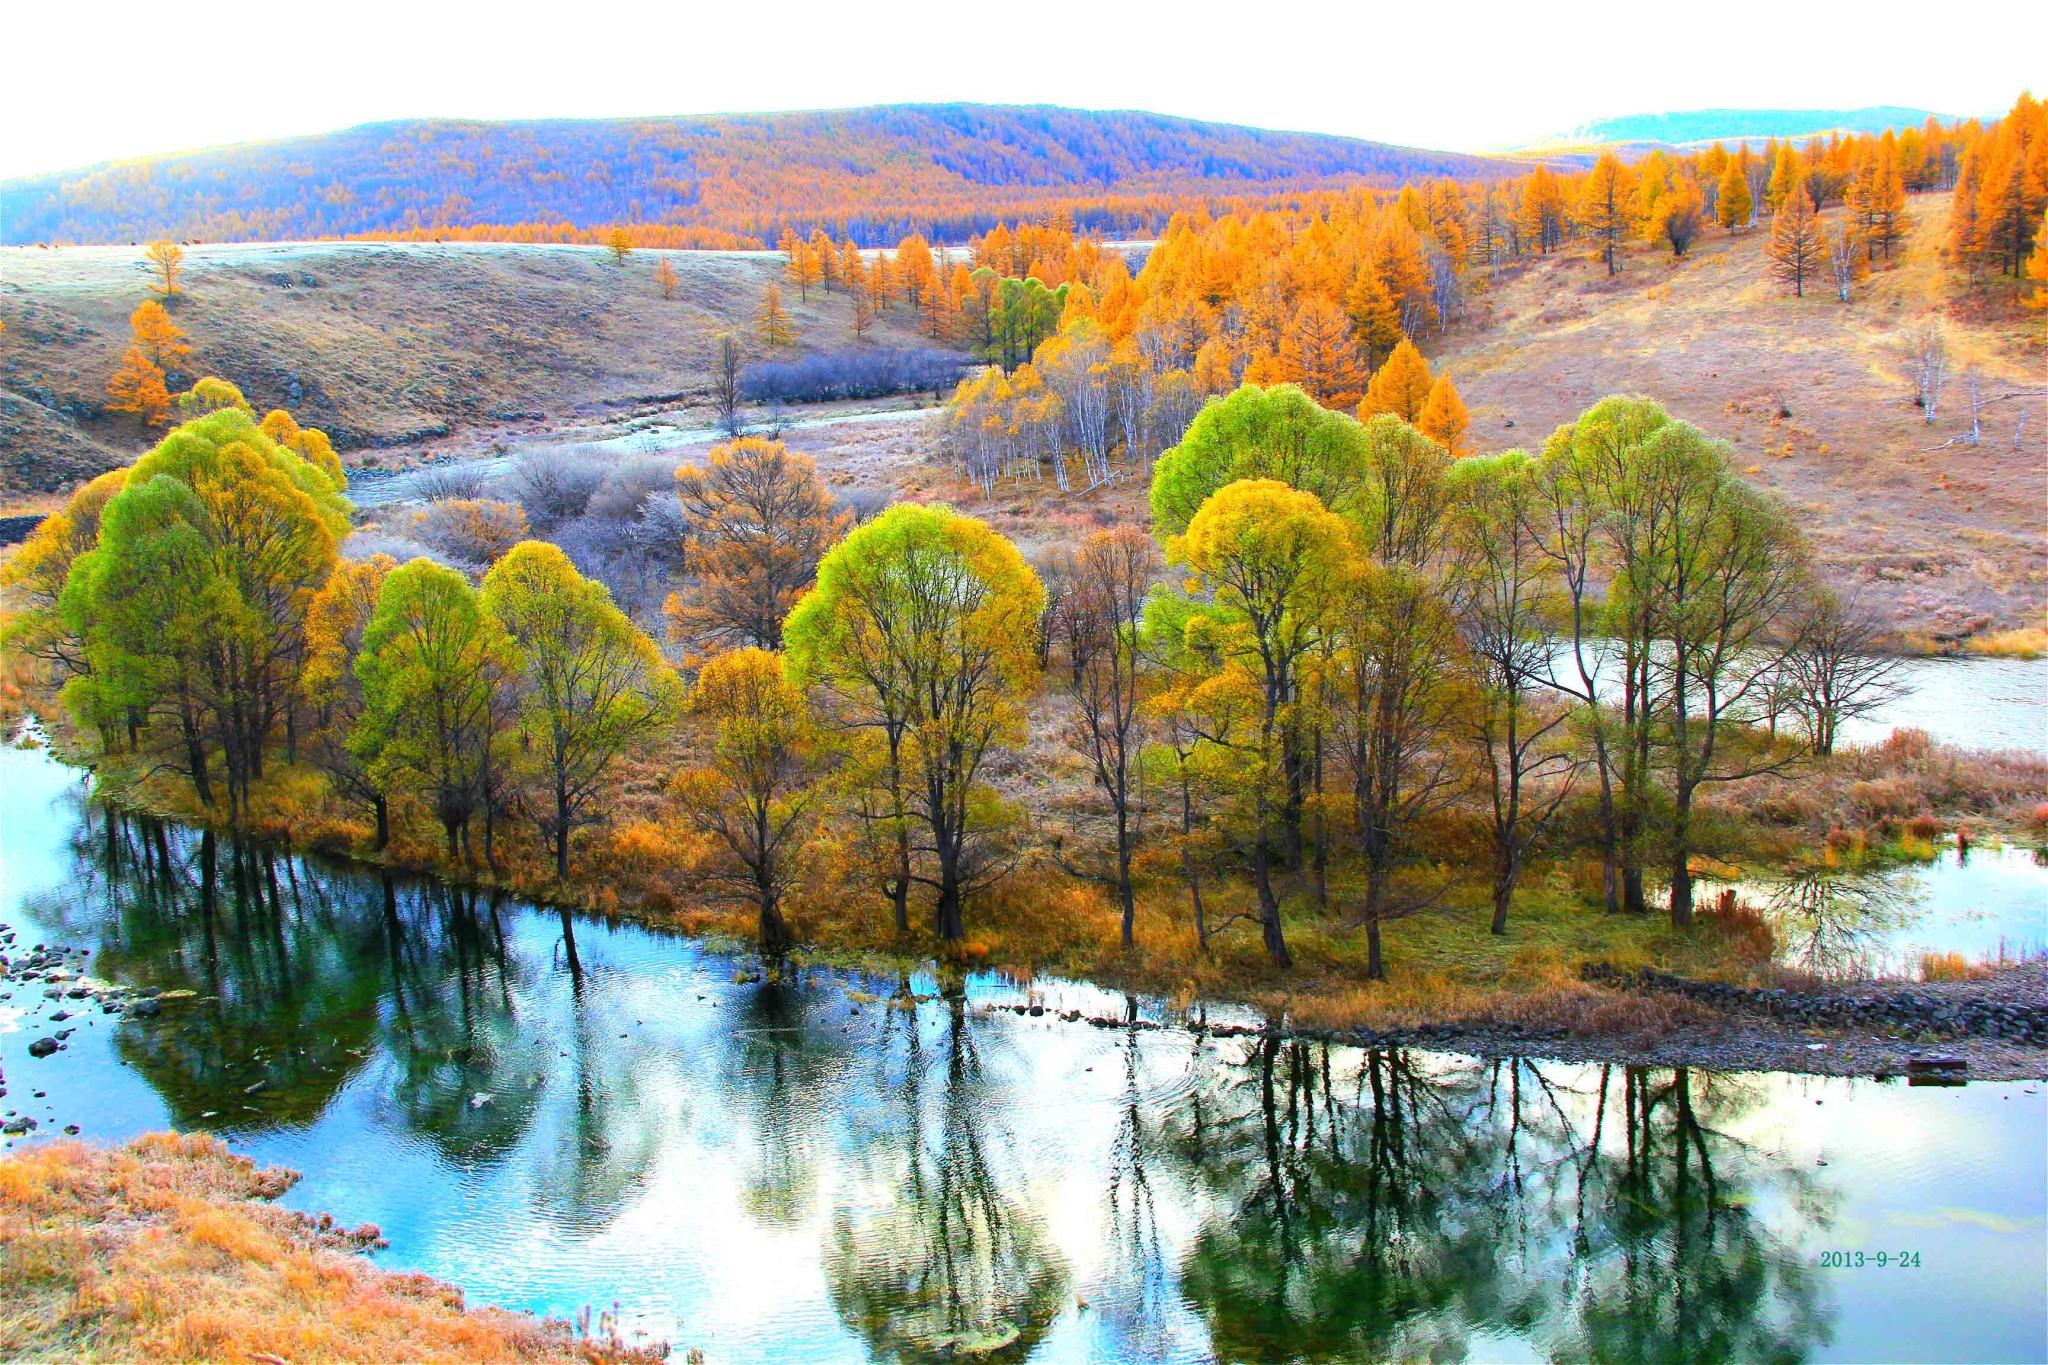 花红,树绿,天蓝,水清,甚至看得见终年不化的积雪白冰.每年五月.